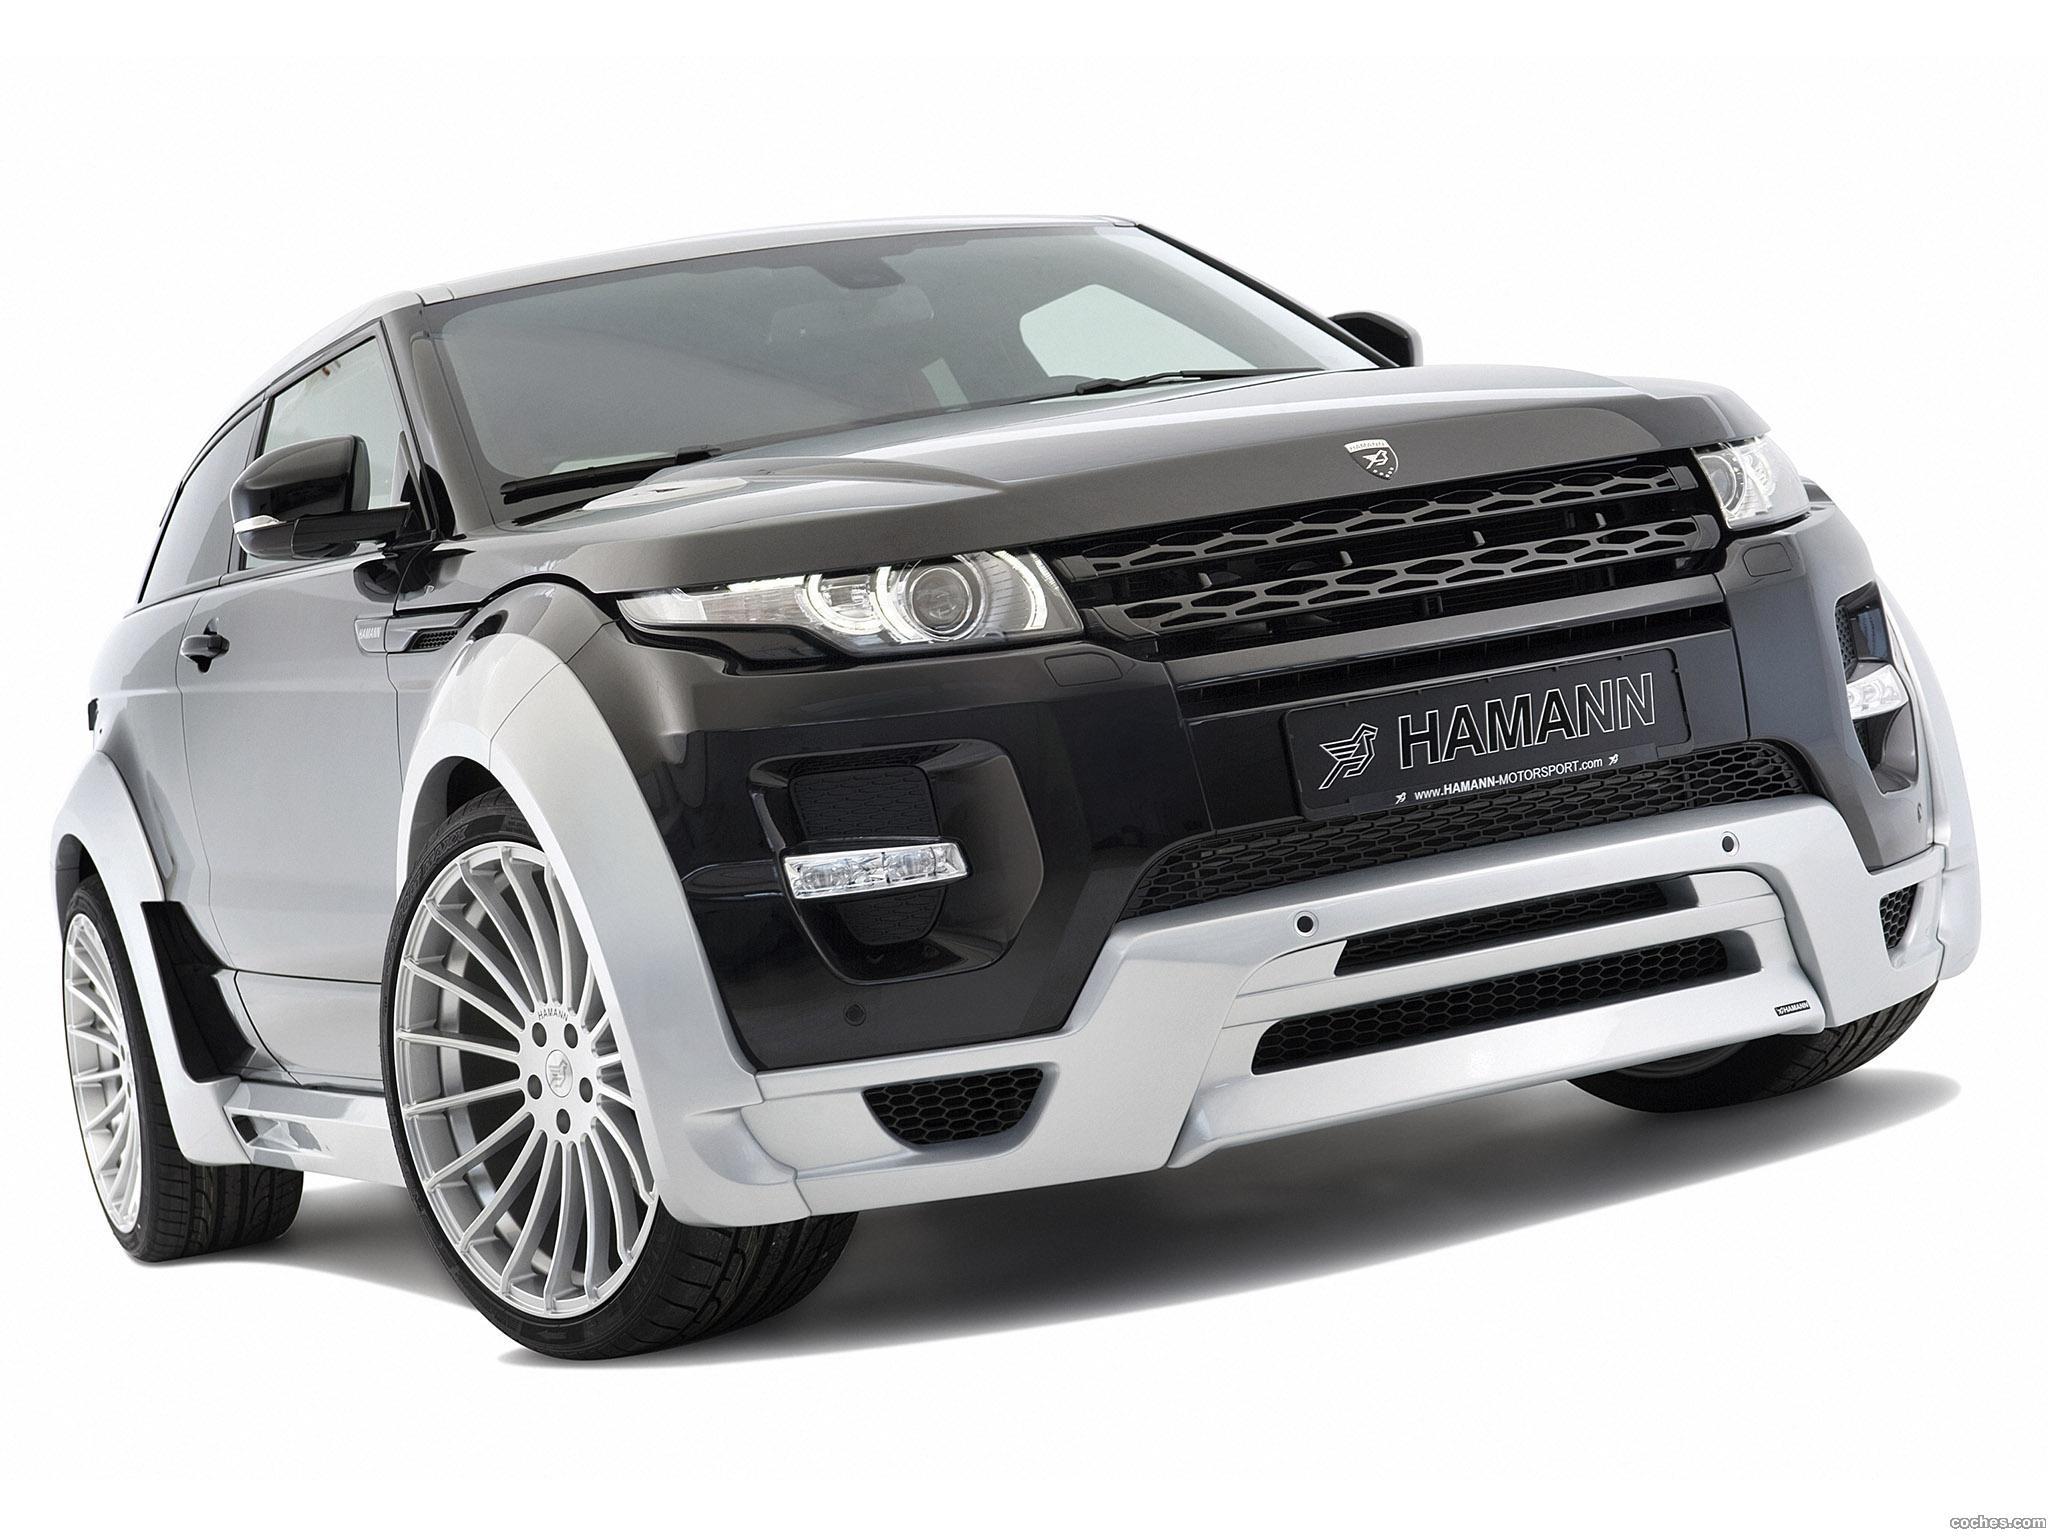 hamann_range-rover-evoque-sd4-dynamic-2012_r12